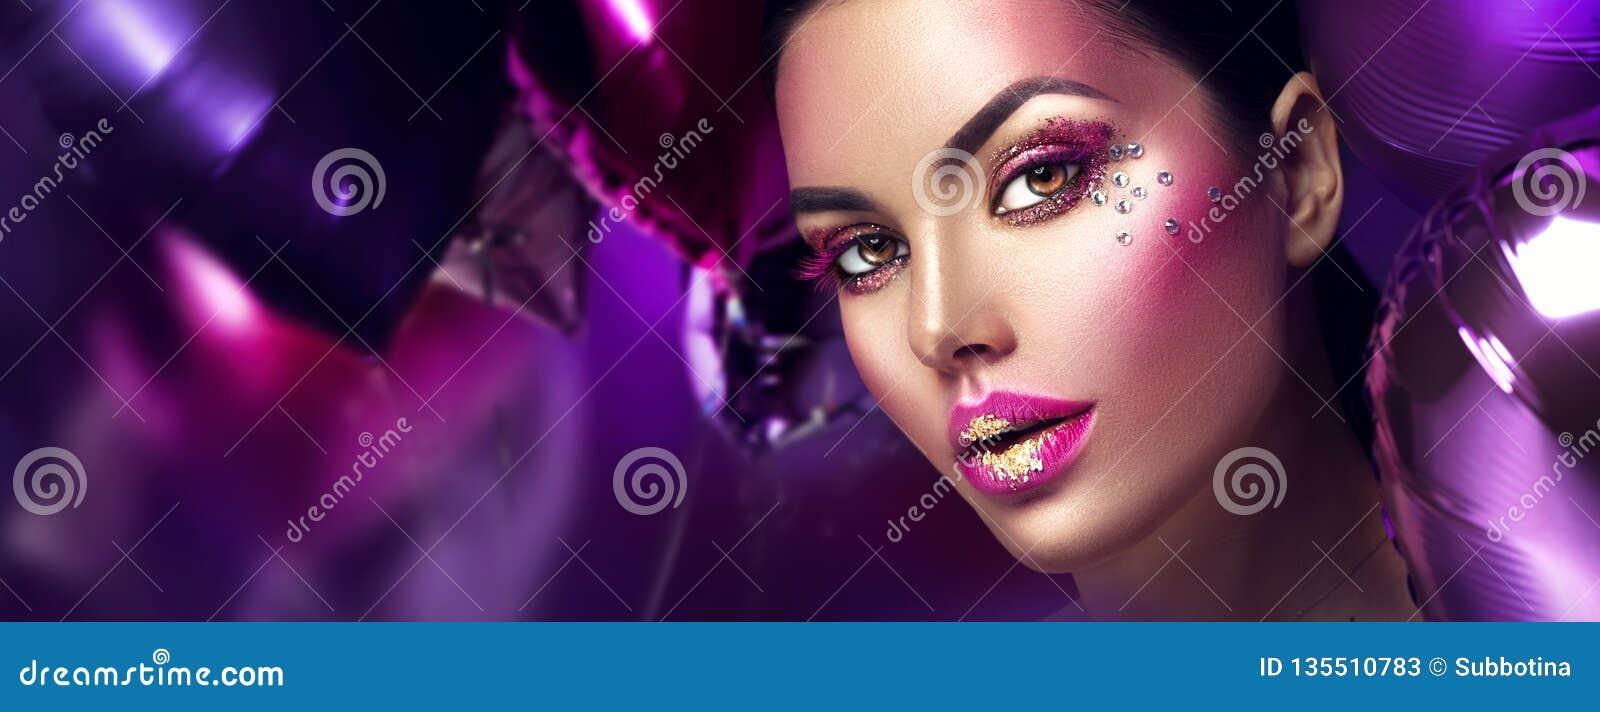 Make-up van de het meisjes de creatieve kunst van de schoonheidsmannequin met gemmen Vrouwengezicht over purpere, roze en violett